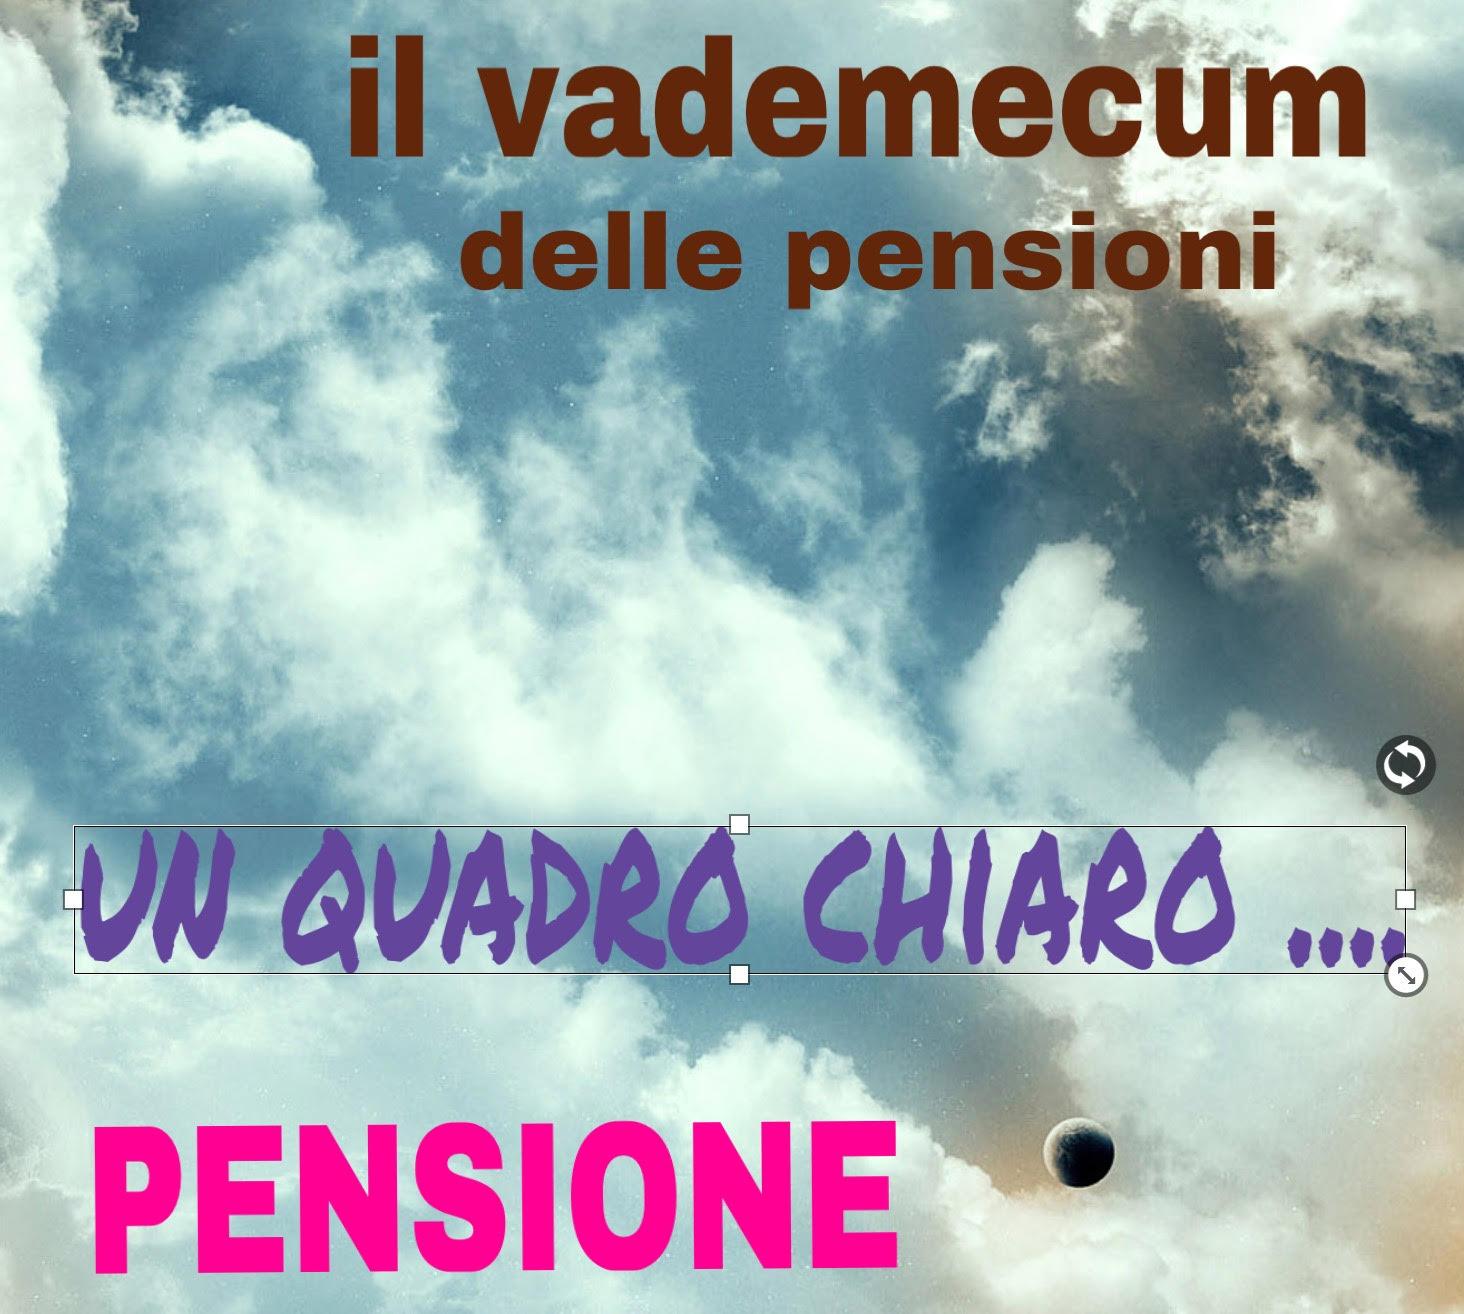 Le pensioni ecco il vademecum pensionistico che fa 39 un quadro chiaro sulla materia news - Finestre mobili pensioni ...